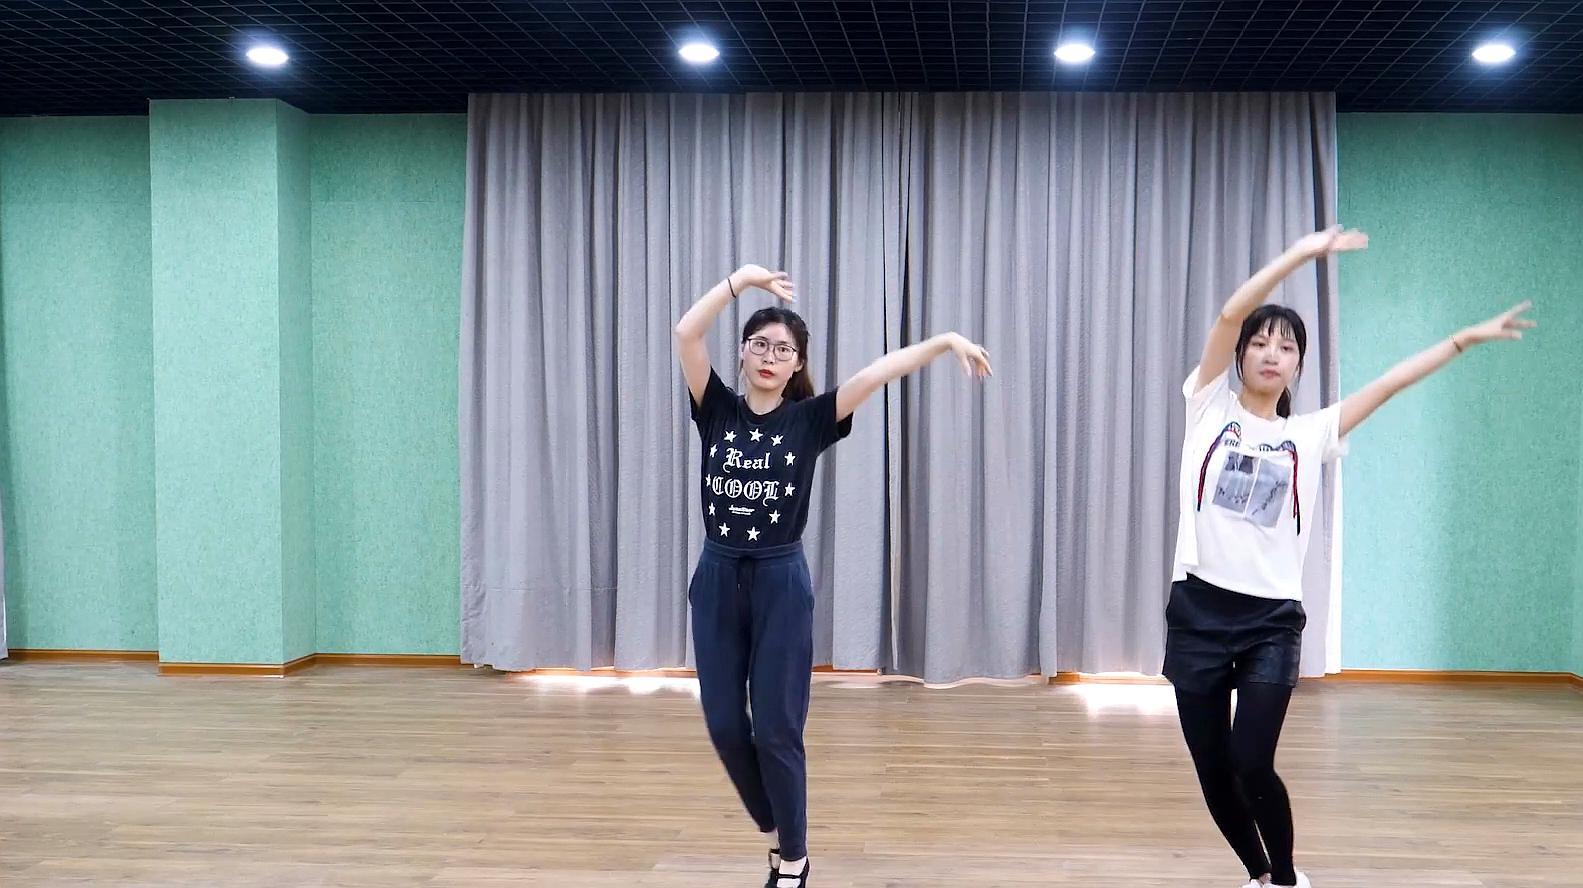 华尔兹舞蹈教程舞步:视频备课的基本形体教学设计二次塑造图片